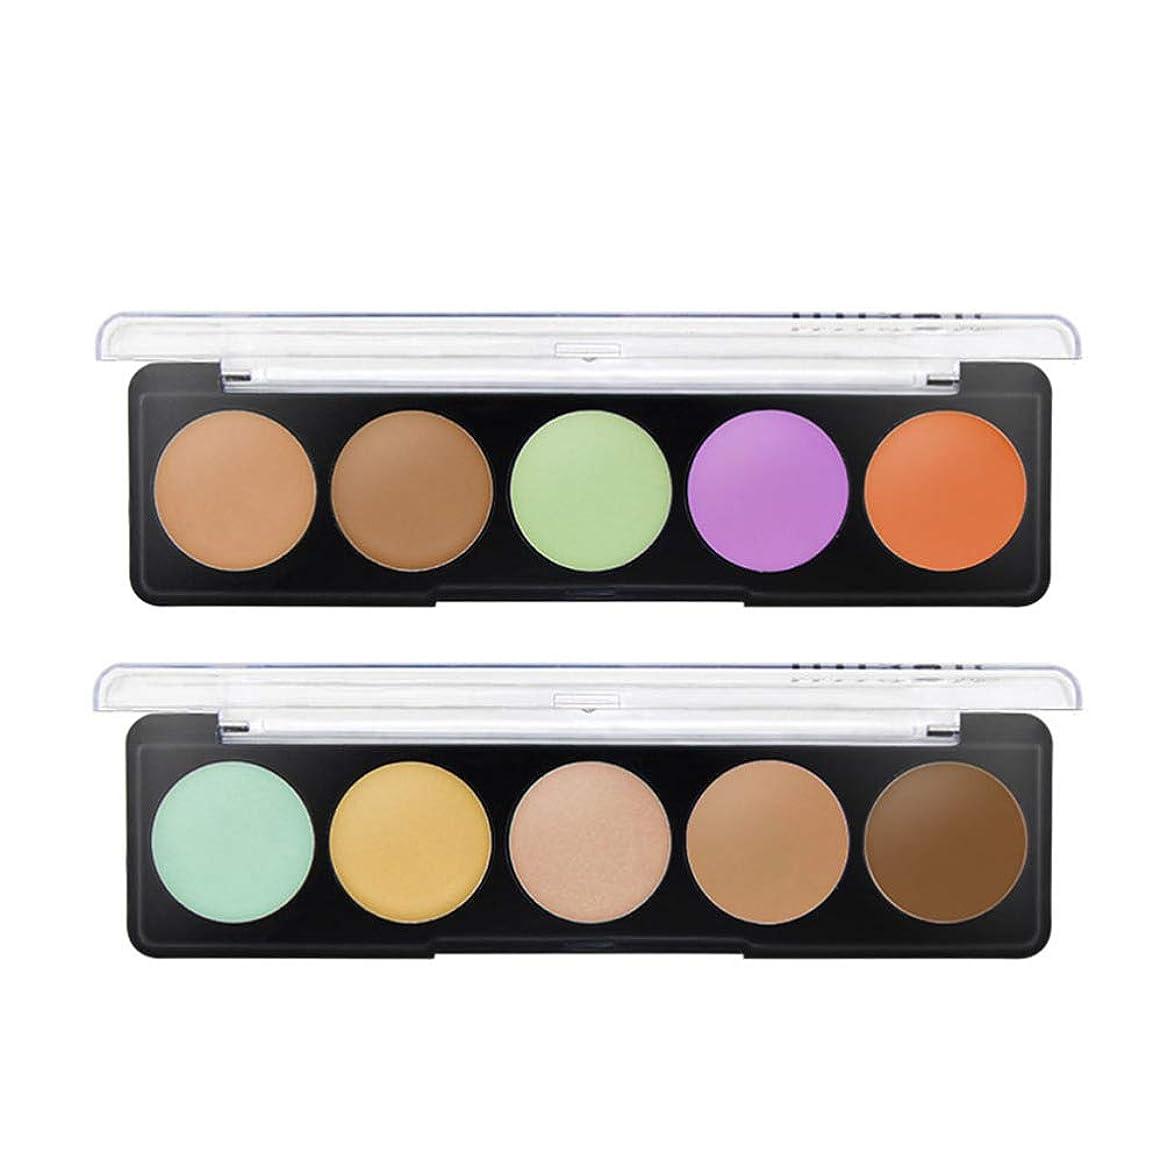 むしゃむしゃニンニクバイオリニストLurrose メイクアップファンデーションを強調する6色の化粧品コンシーラーパレットクリーム輪郭の2セット